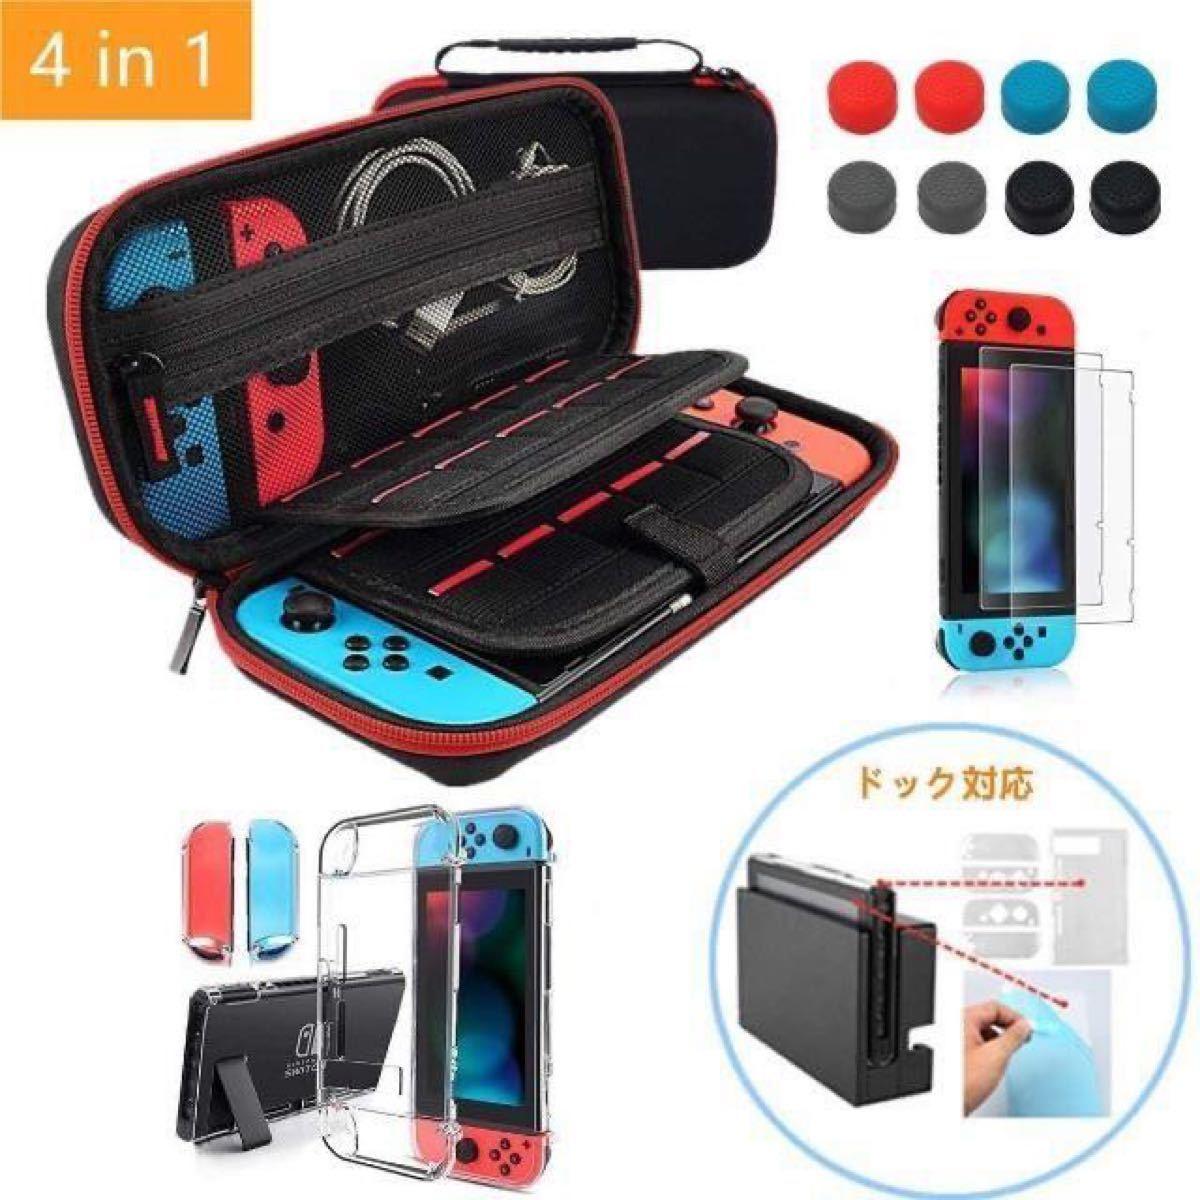 保護フィルム 任天堂スイッチカバー Nintendo Switch 任天堂スイッチケース